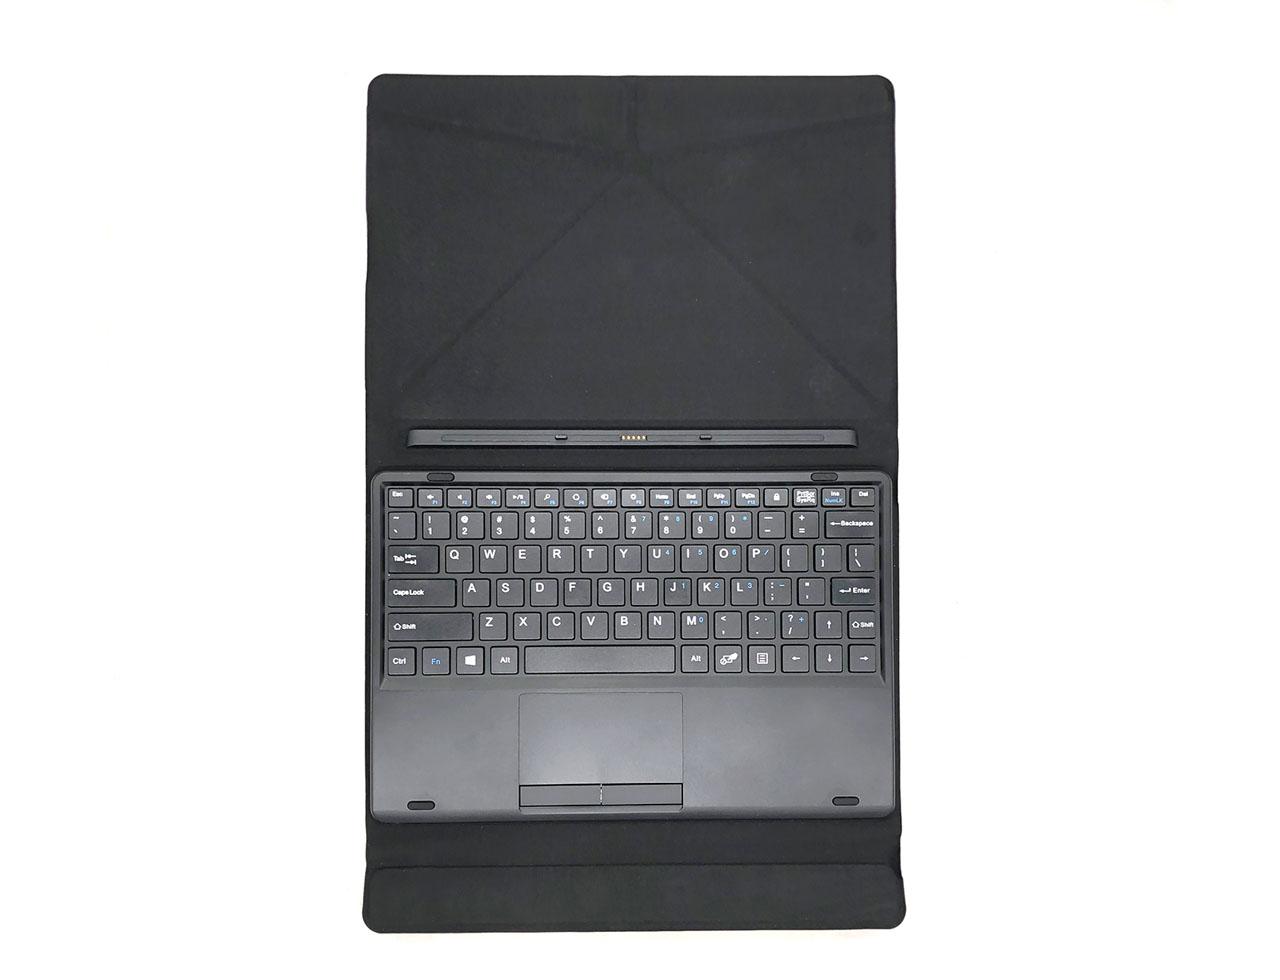 新到货微星MSI S100台电Teclast t30 t11 x1 pro 4g 10.1寸 磁吸键盘皮套保护套通用昂达obook 中柏4S PRO Tablet magnetic keyboard